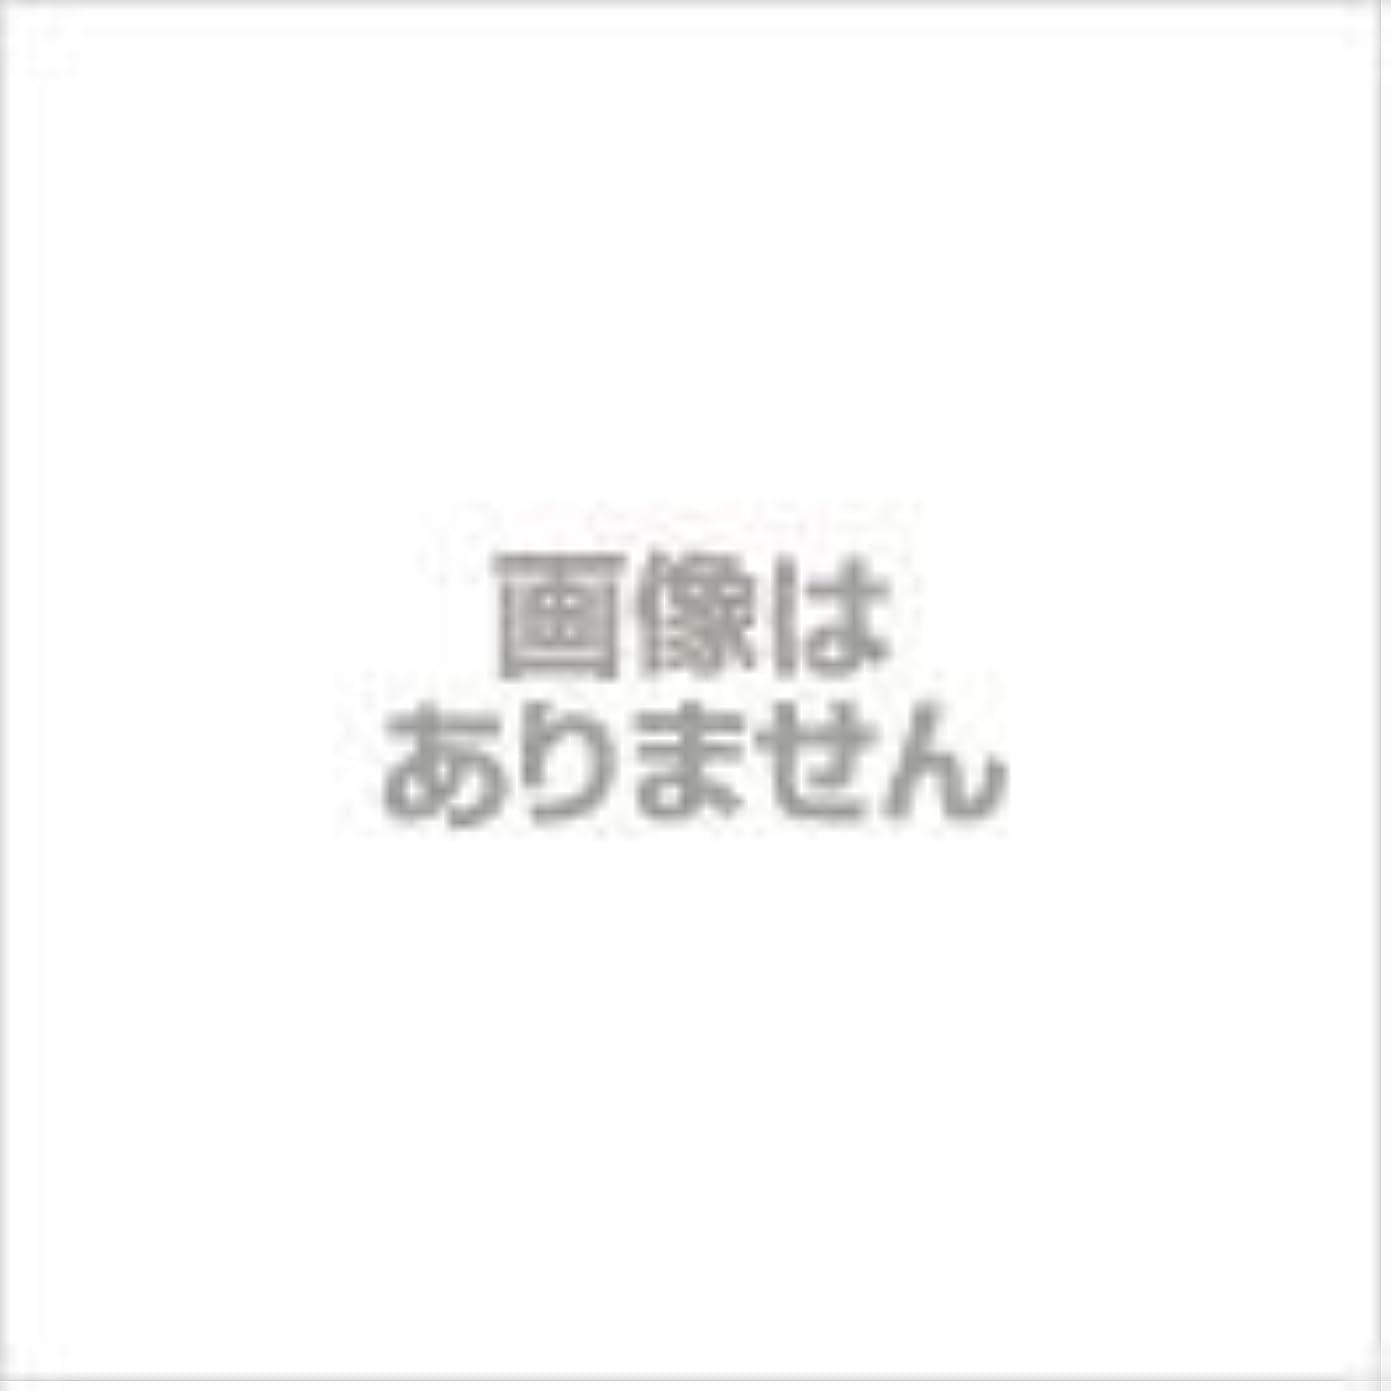 ポーク自由まっすぐ三菱マテリアル 2枚刃 エンドミル(M) 【刃径:5.5】 C2MSD0550